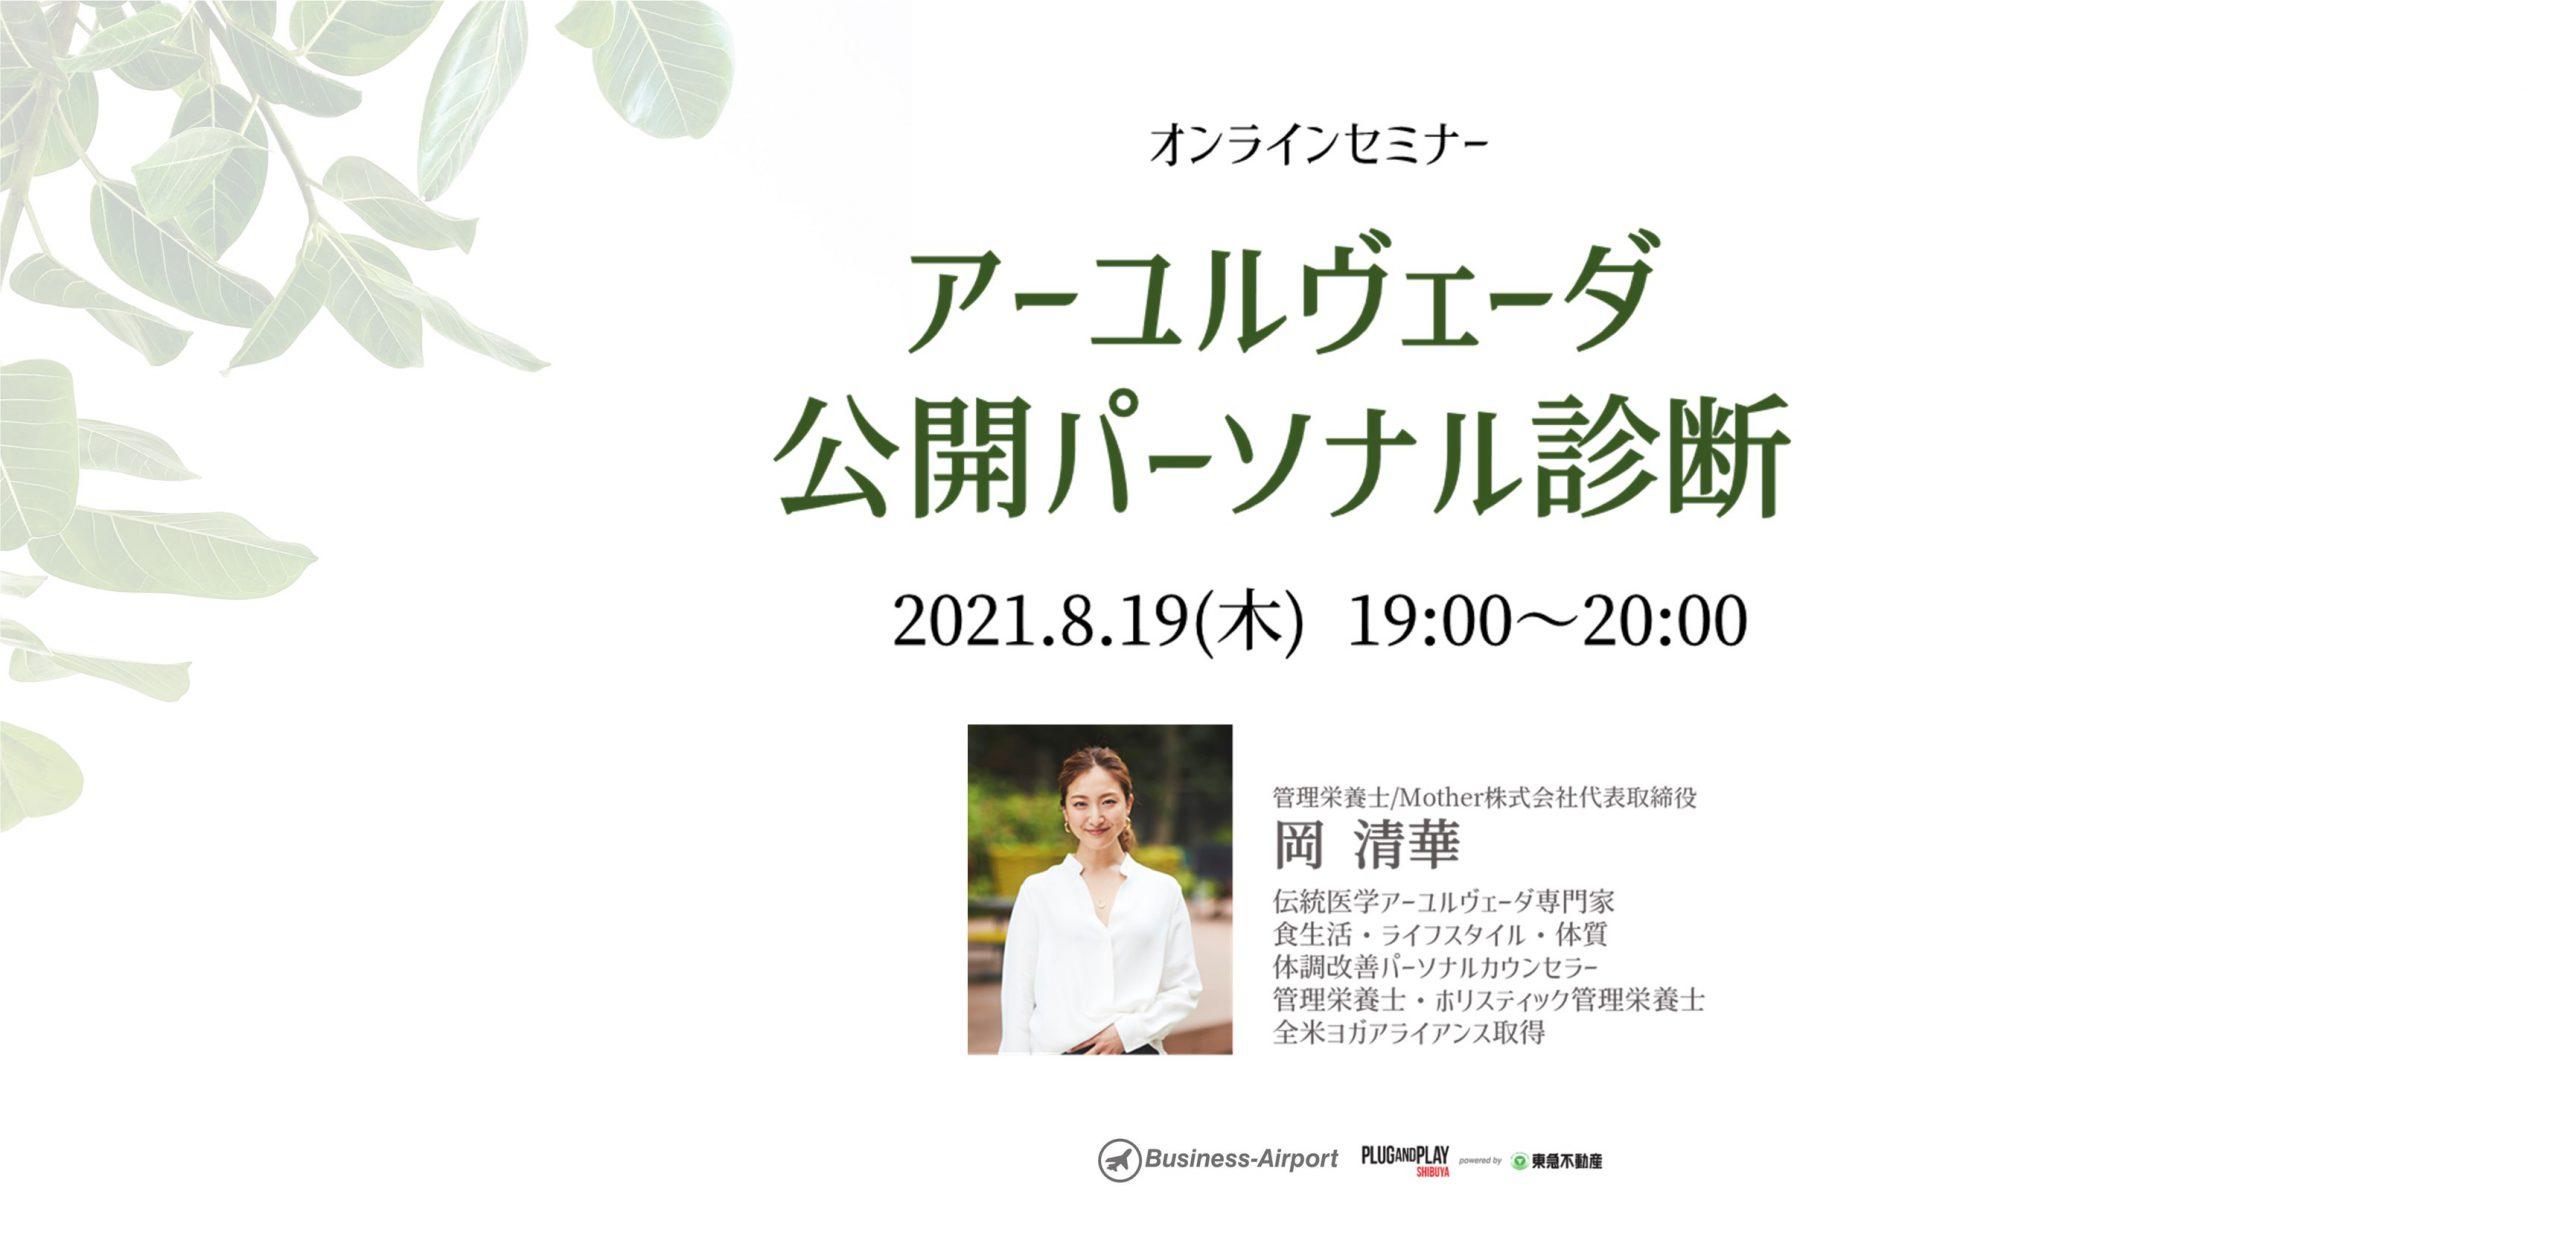 【オンラインセミナー】アーユルヴェーダ公開パーソナル診断